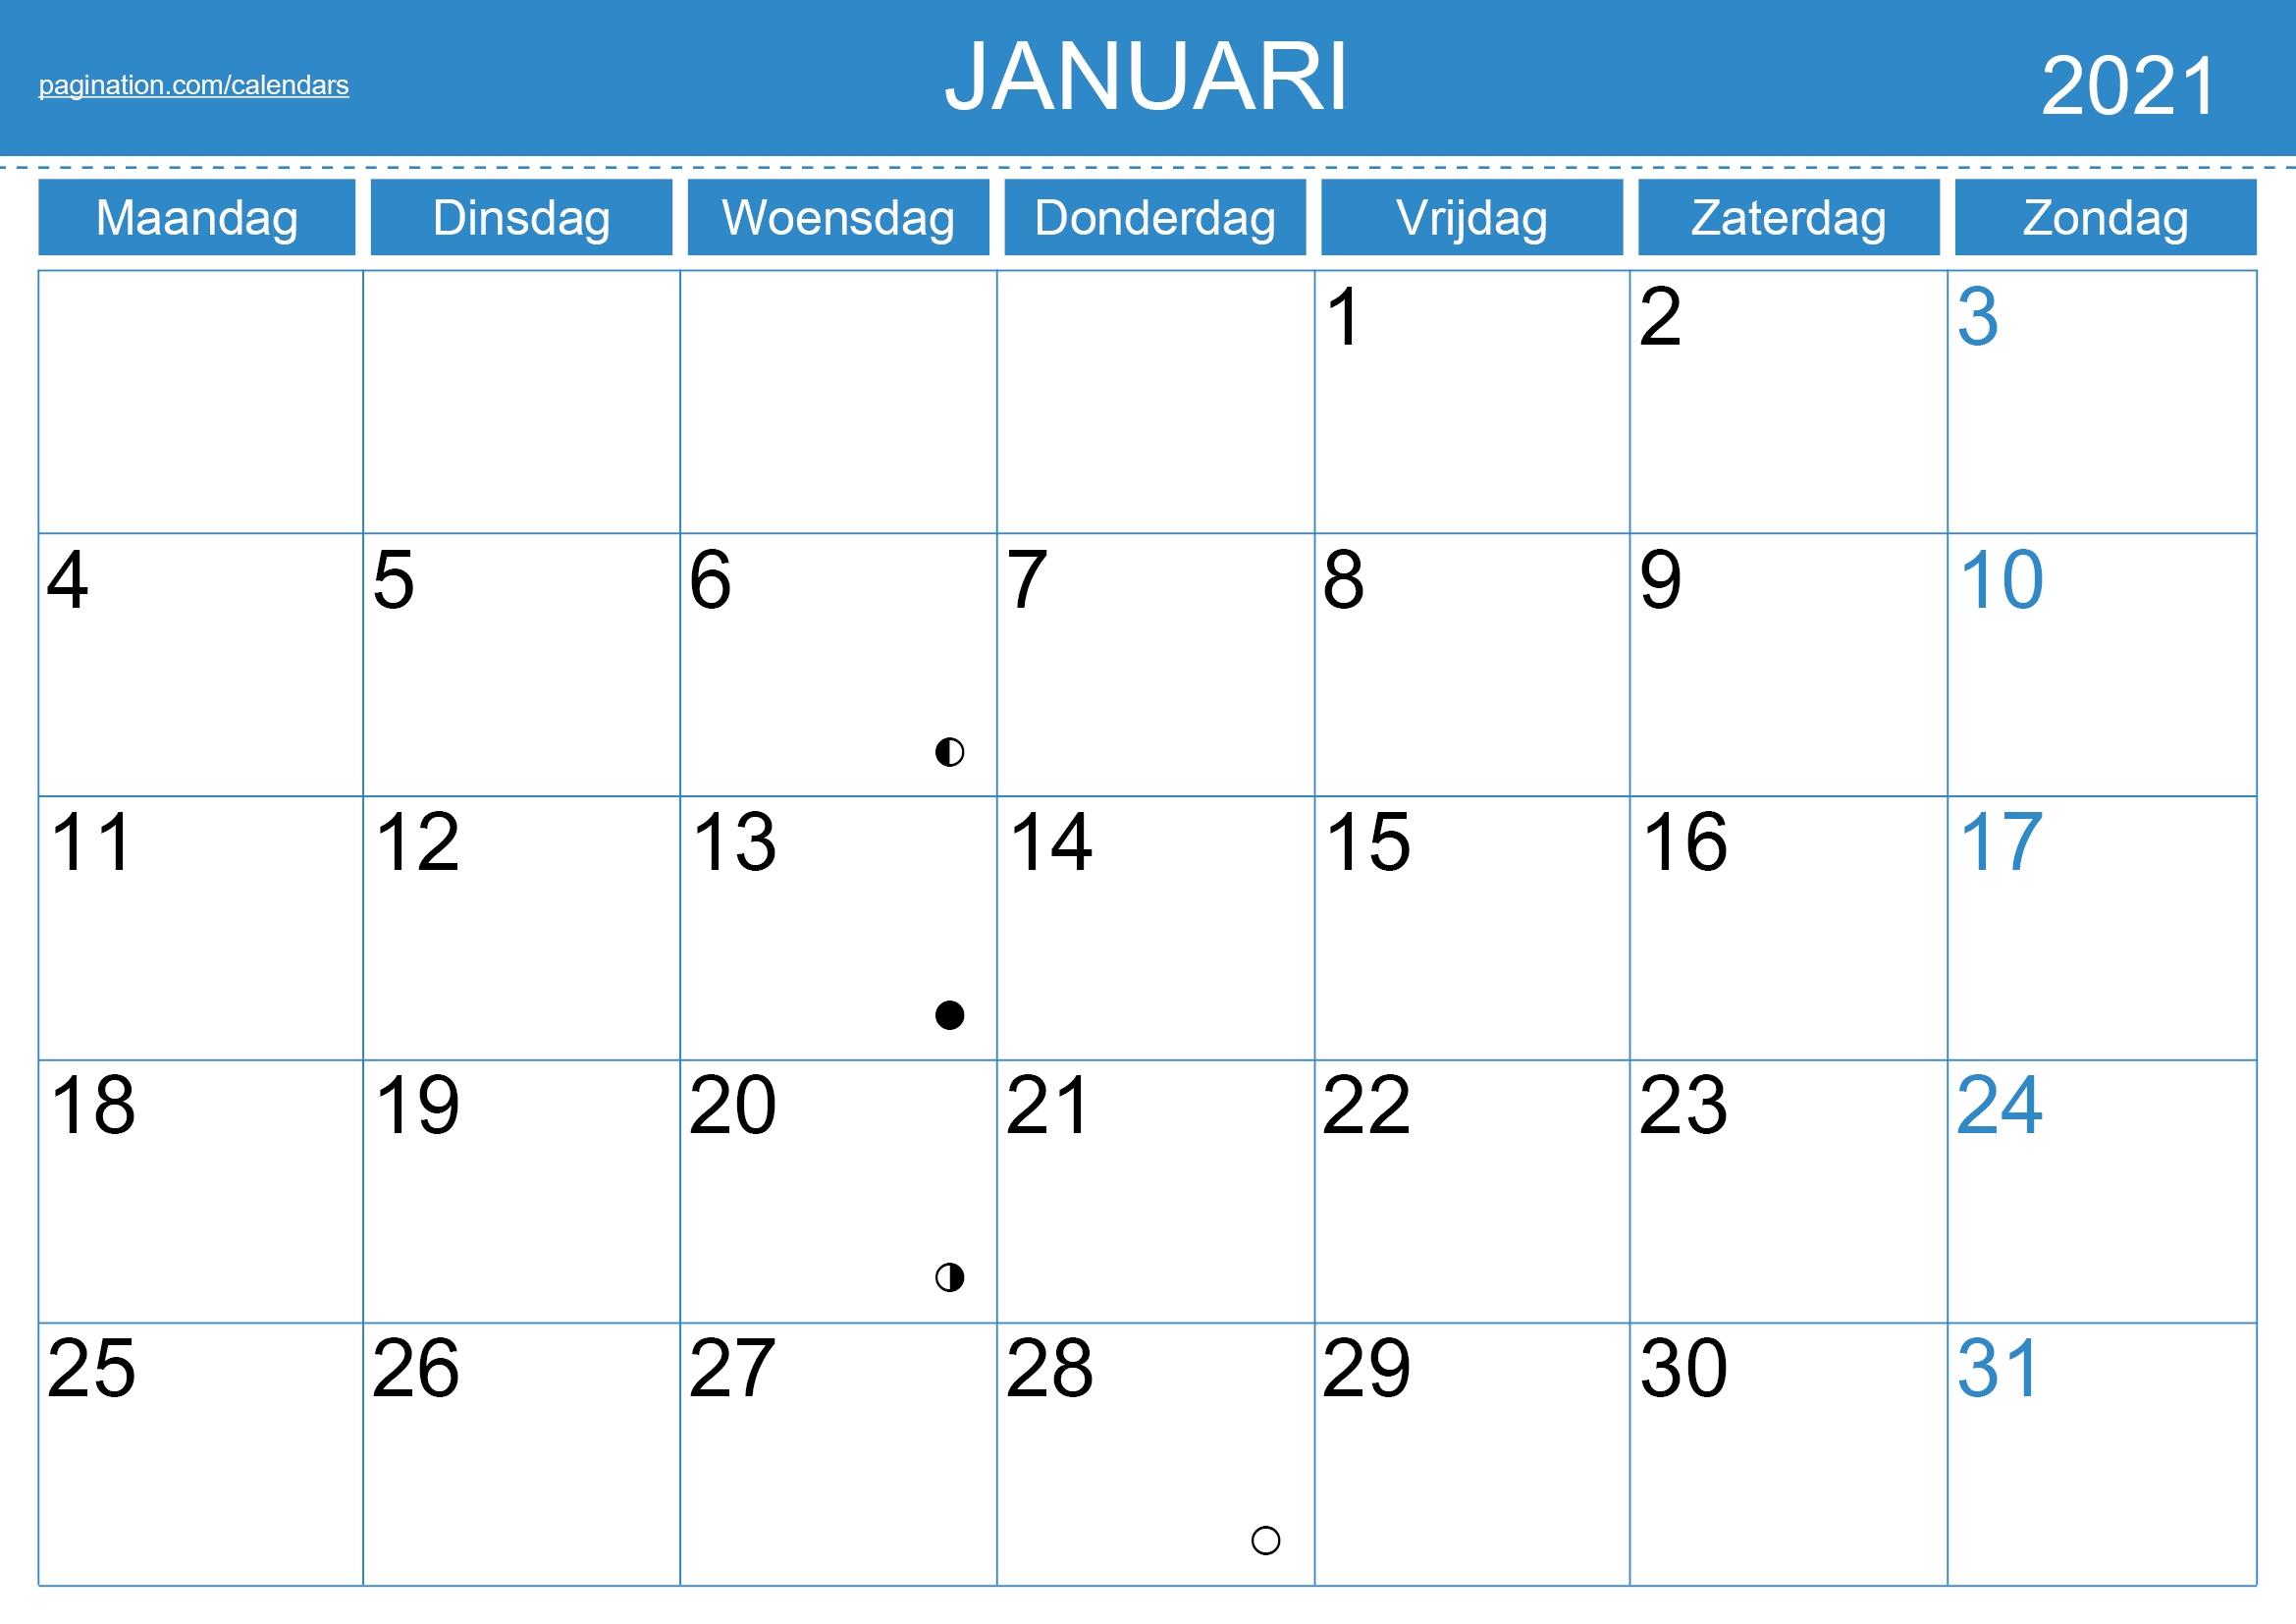 Kalender Indesign - Nederlands (Dutch) - Pagination intended for 2021 Indesign Calendar Template Graphics